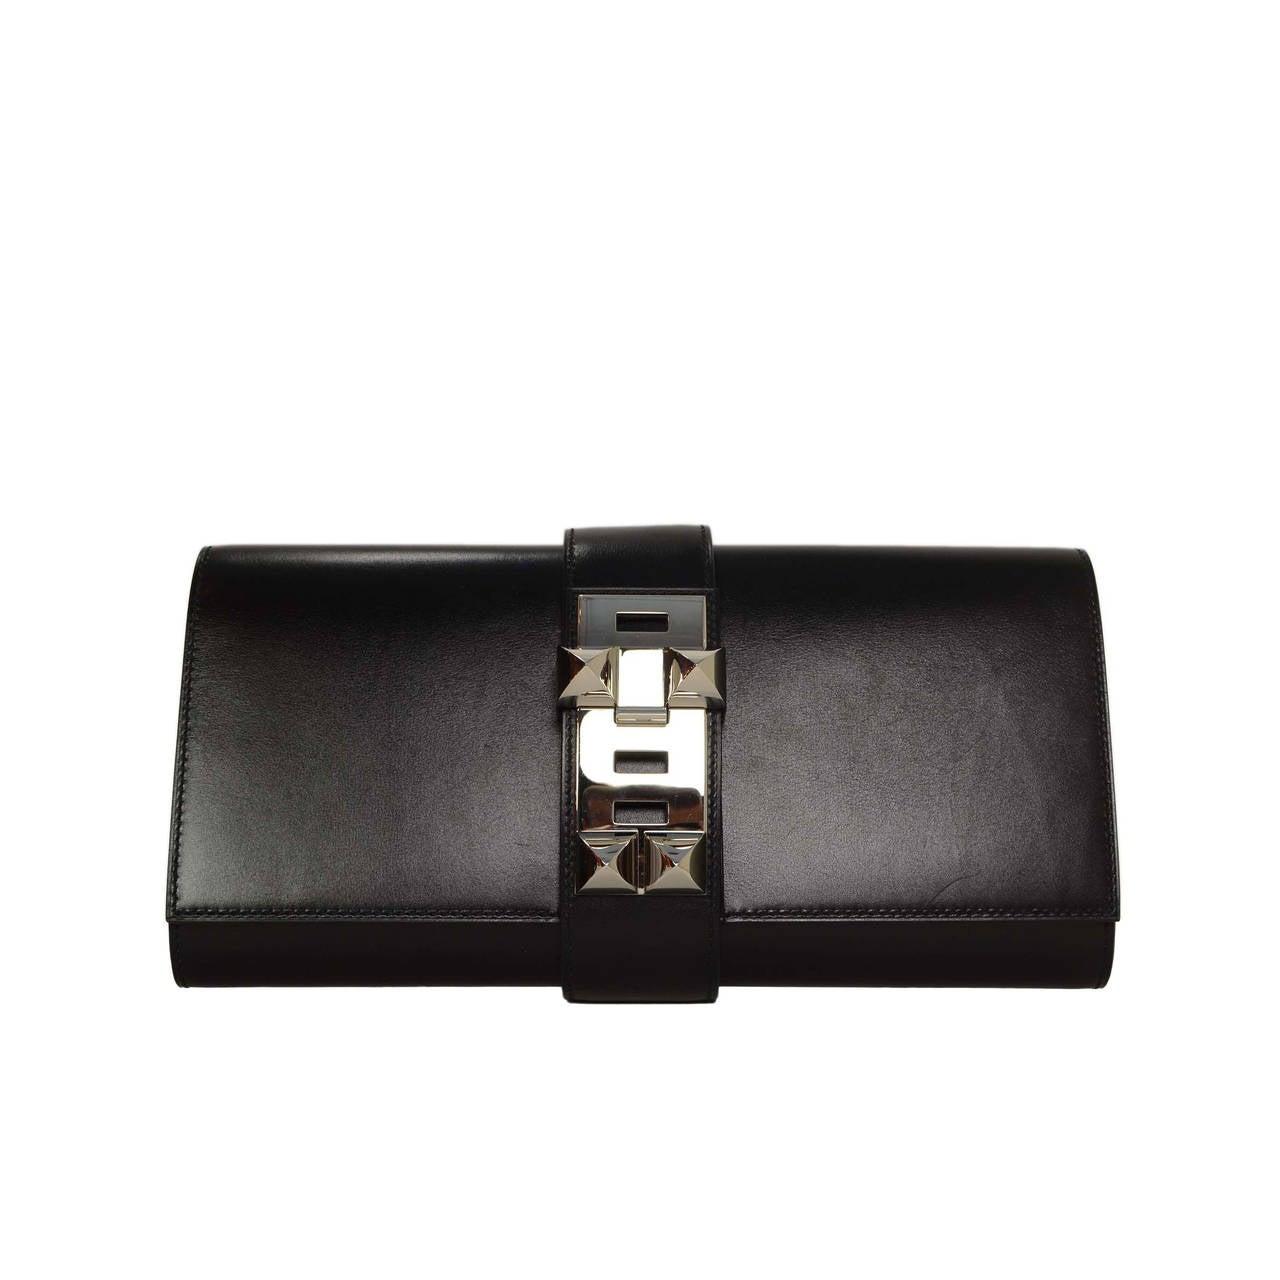 HERMES Black Box Leather 29cm Medor Clutch Bag PHW at 1stdibs